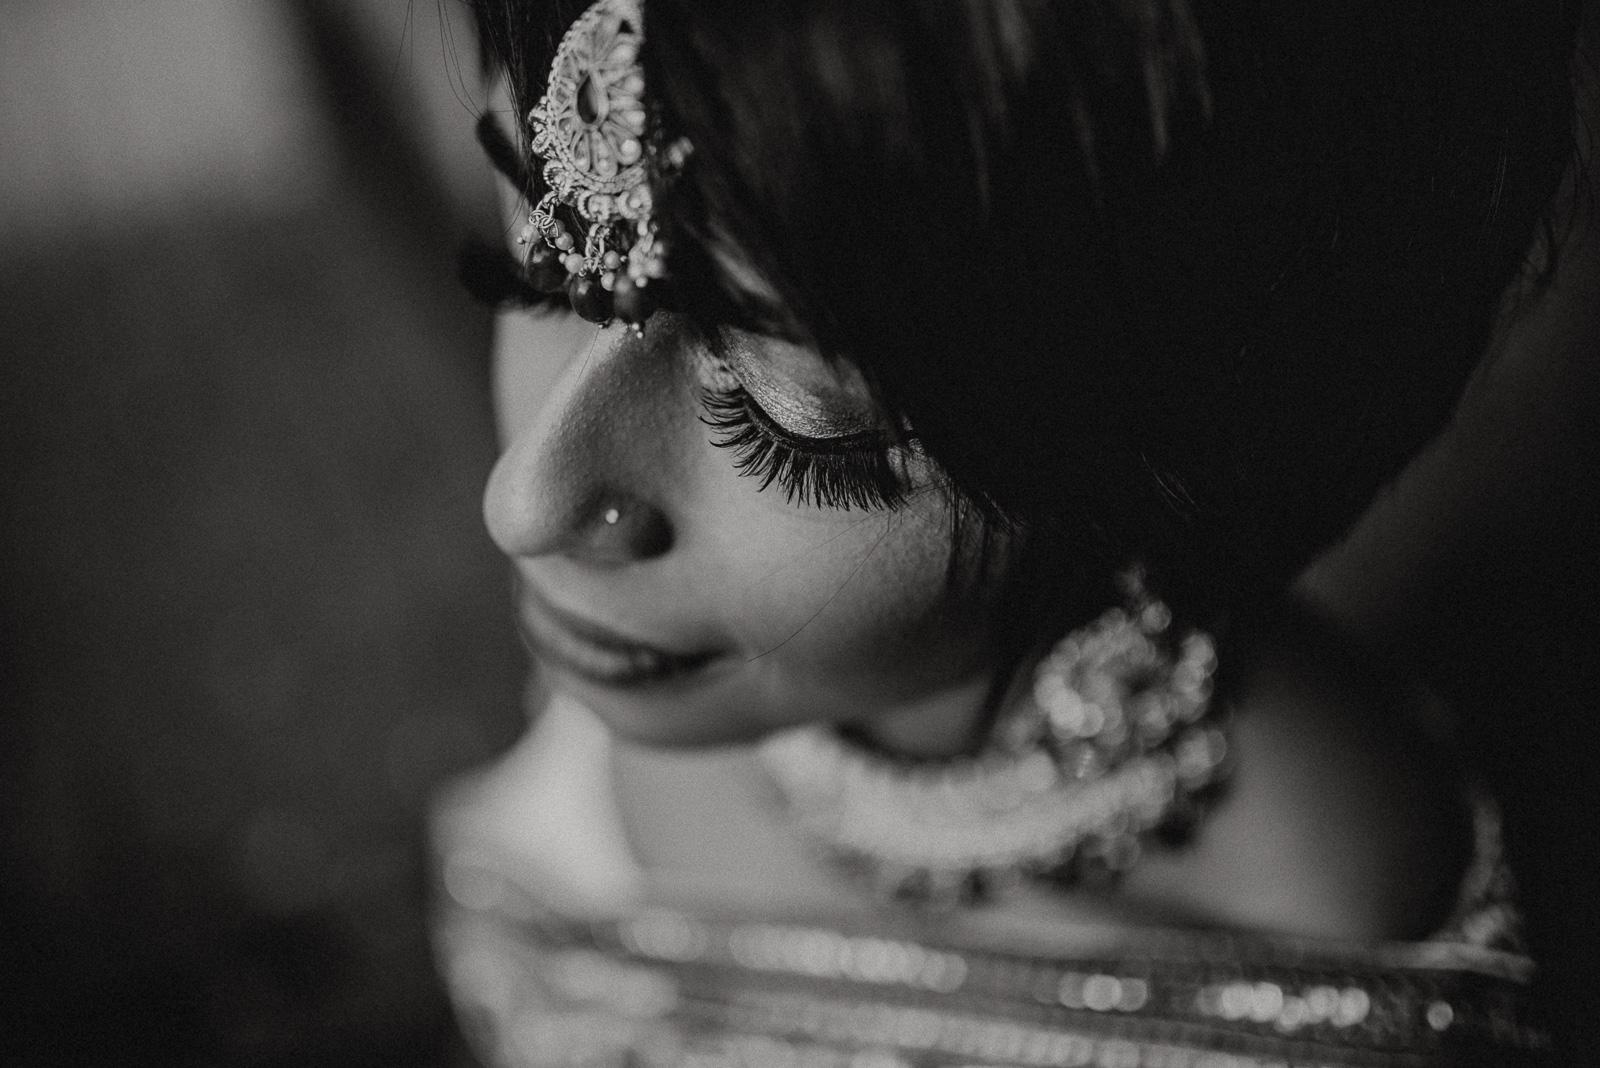 013-designparaplus-bochum-saree-indische-braut-fotograf